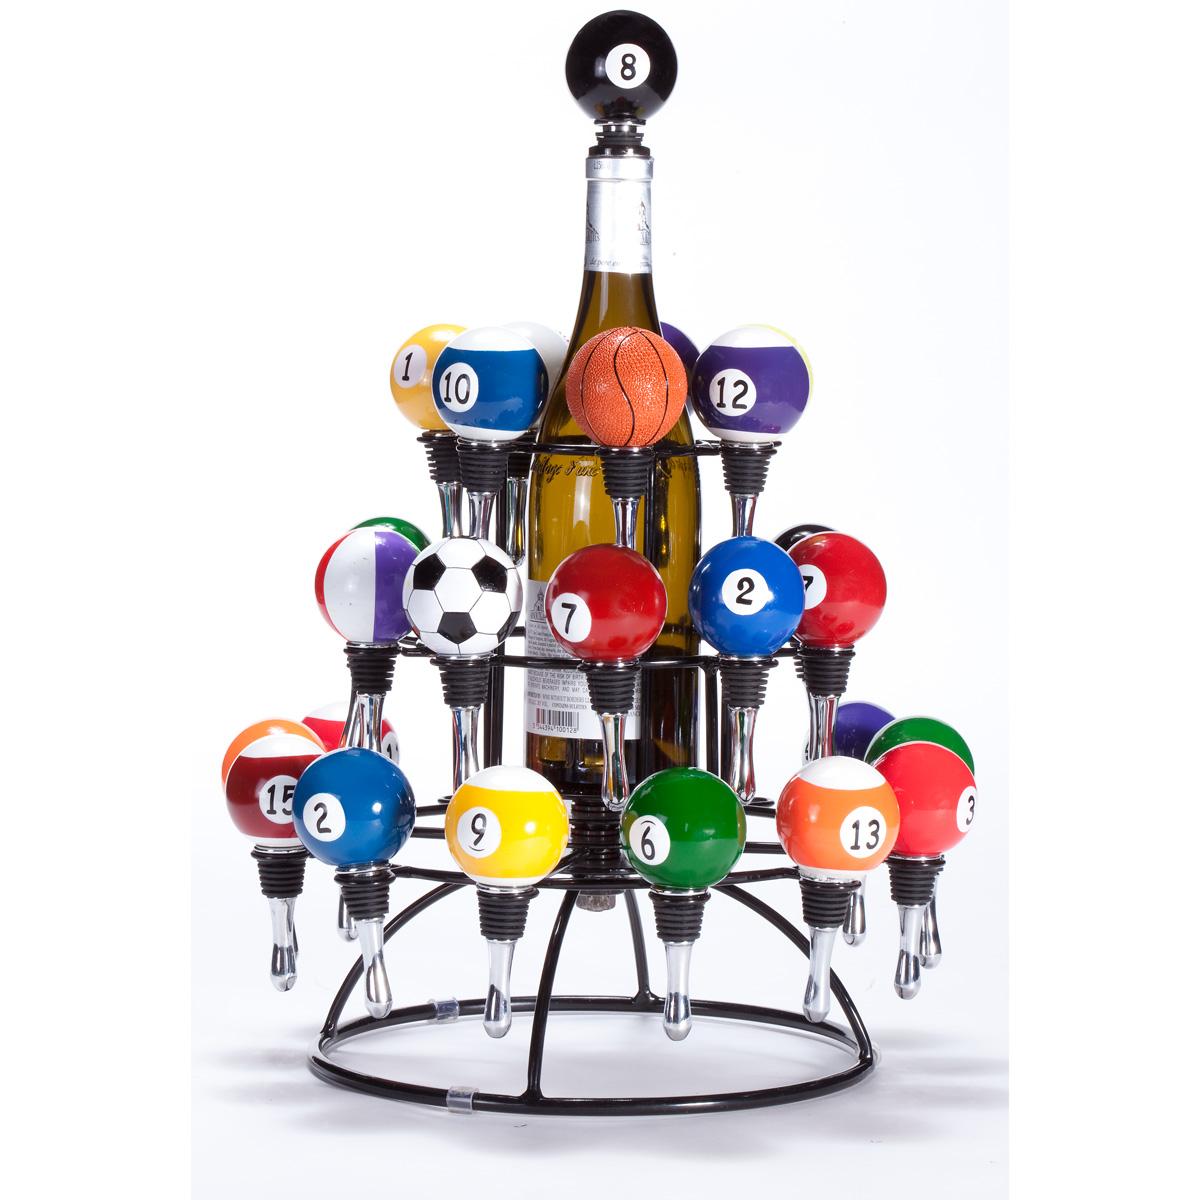 Revolution Wine Bottle Stopper Carousel